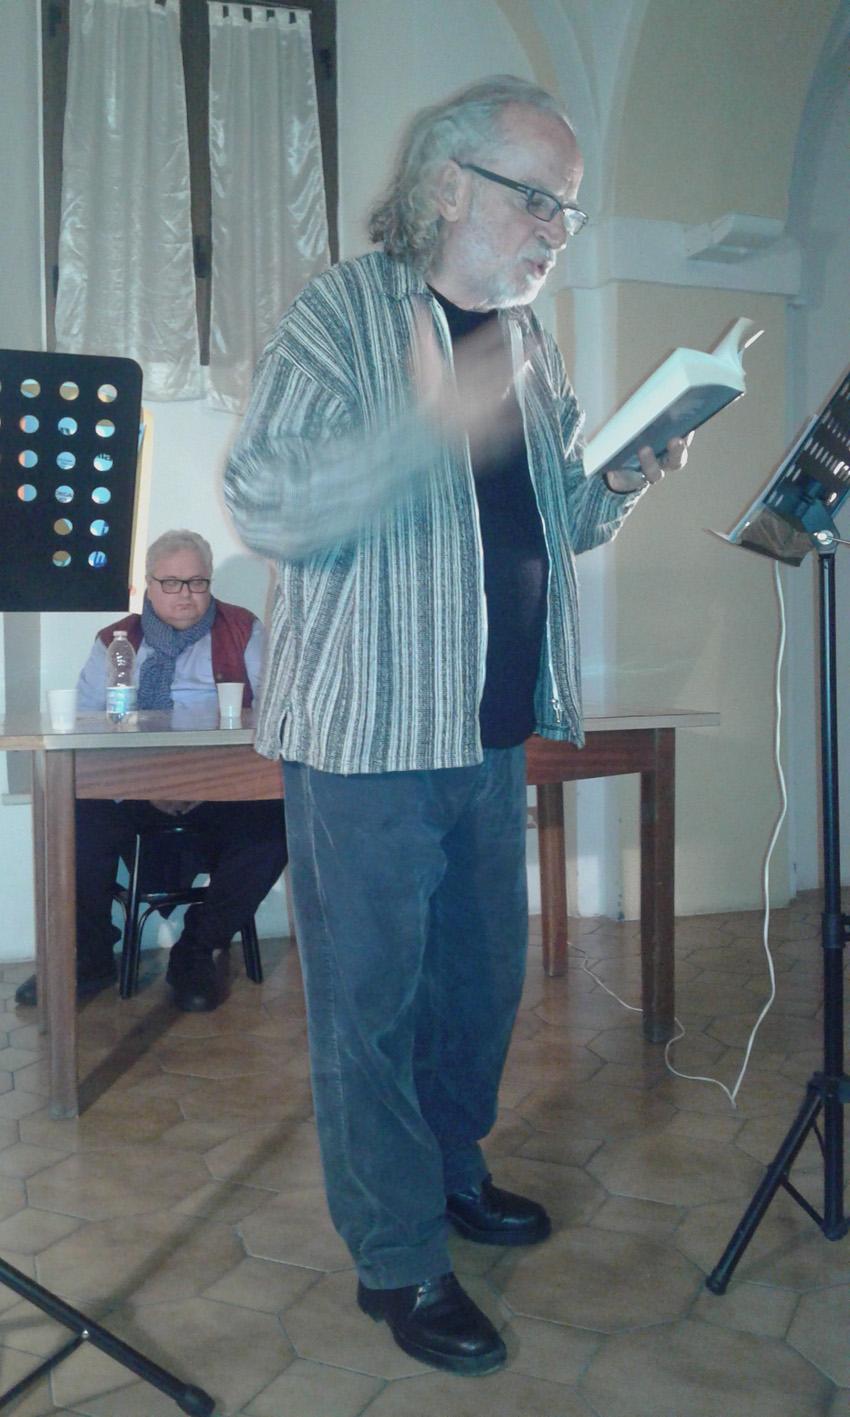 Pesaro straordinaria serata dedicata alla poesia di - Poesia specchio di quasimodo spiegazione ...